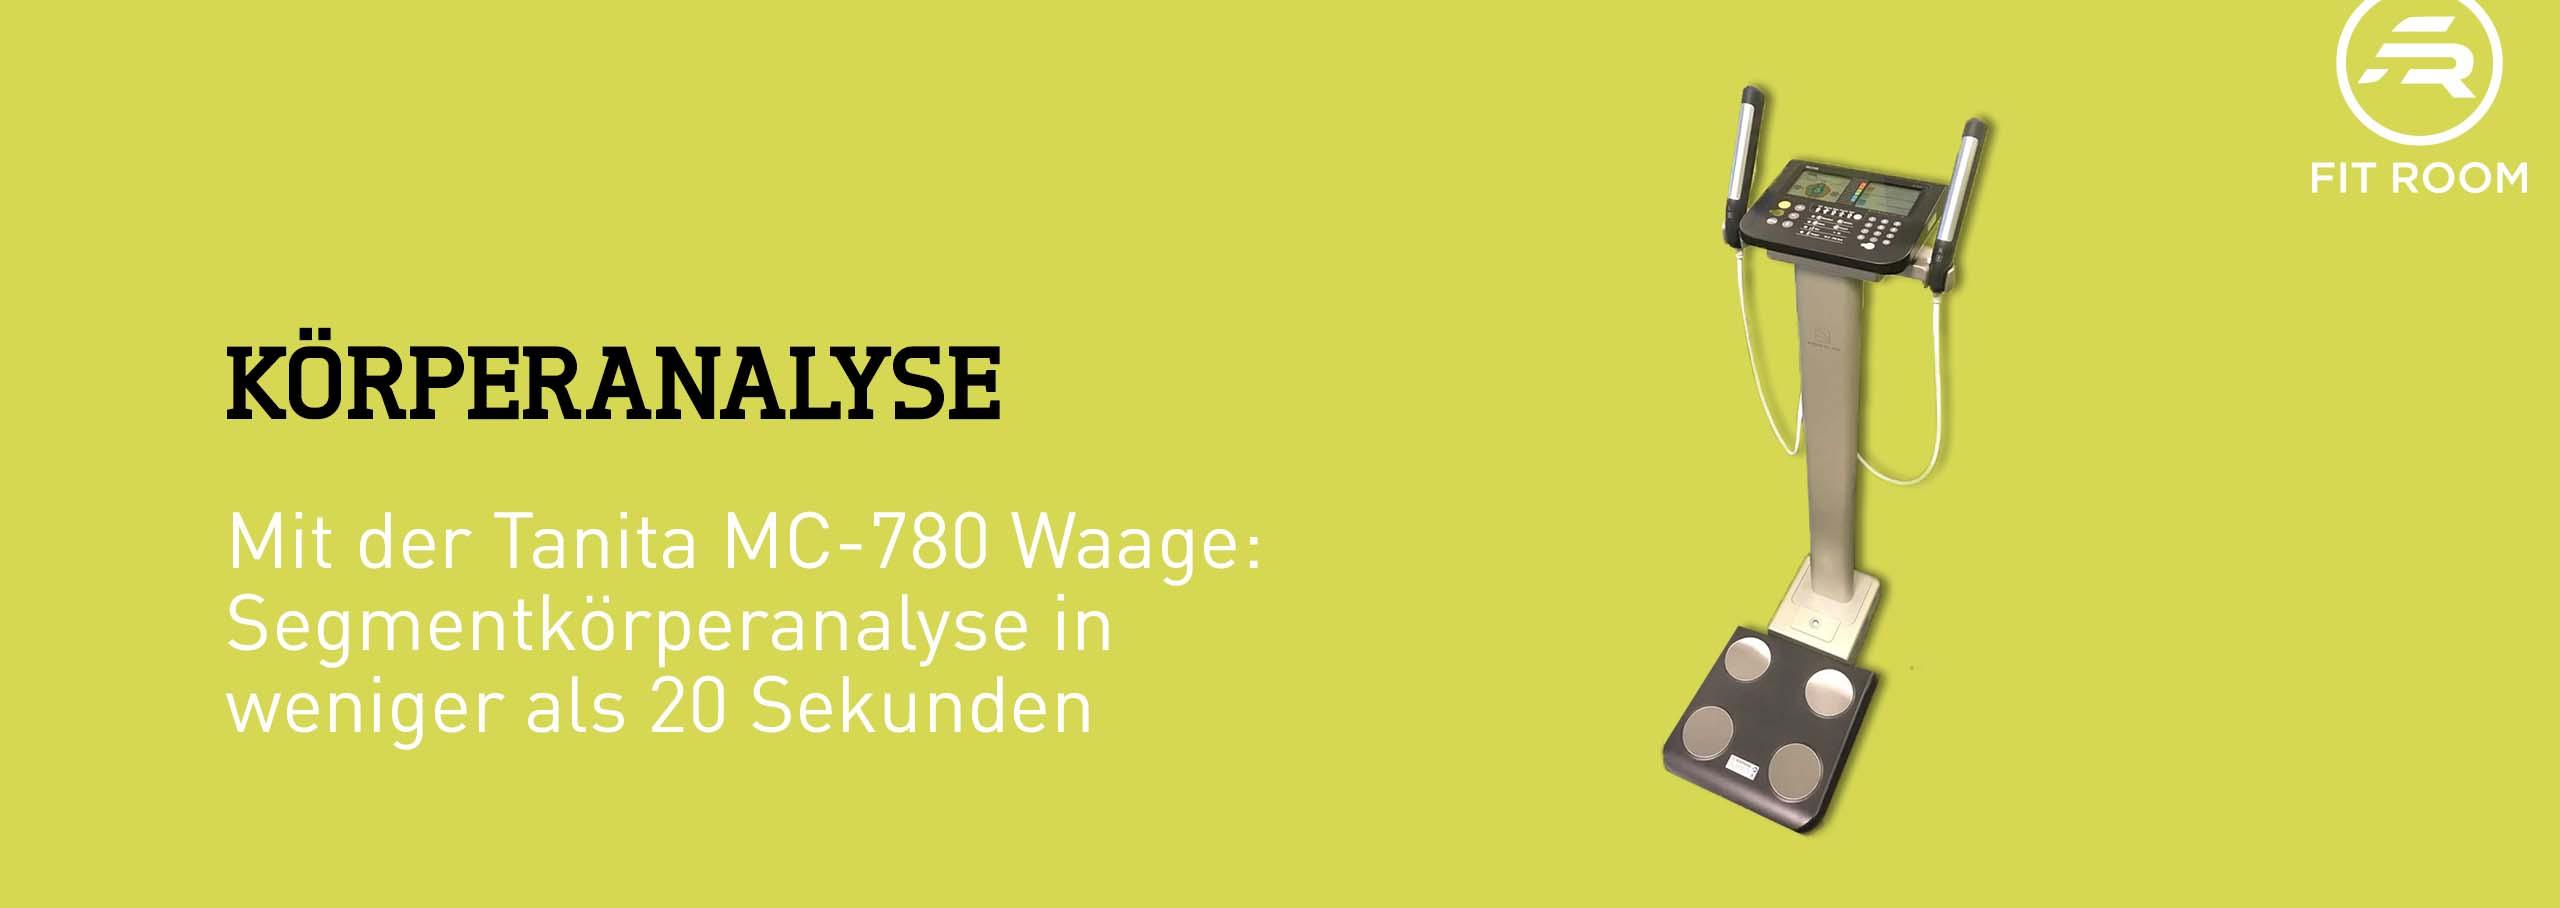 180119_Waage_header2